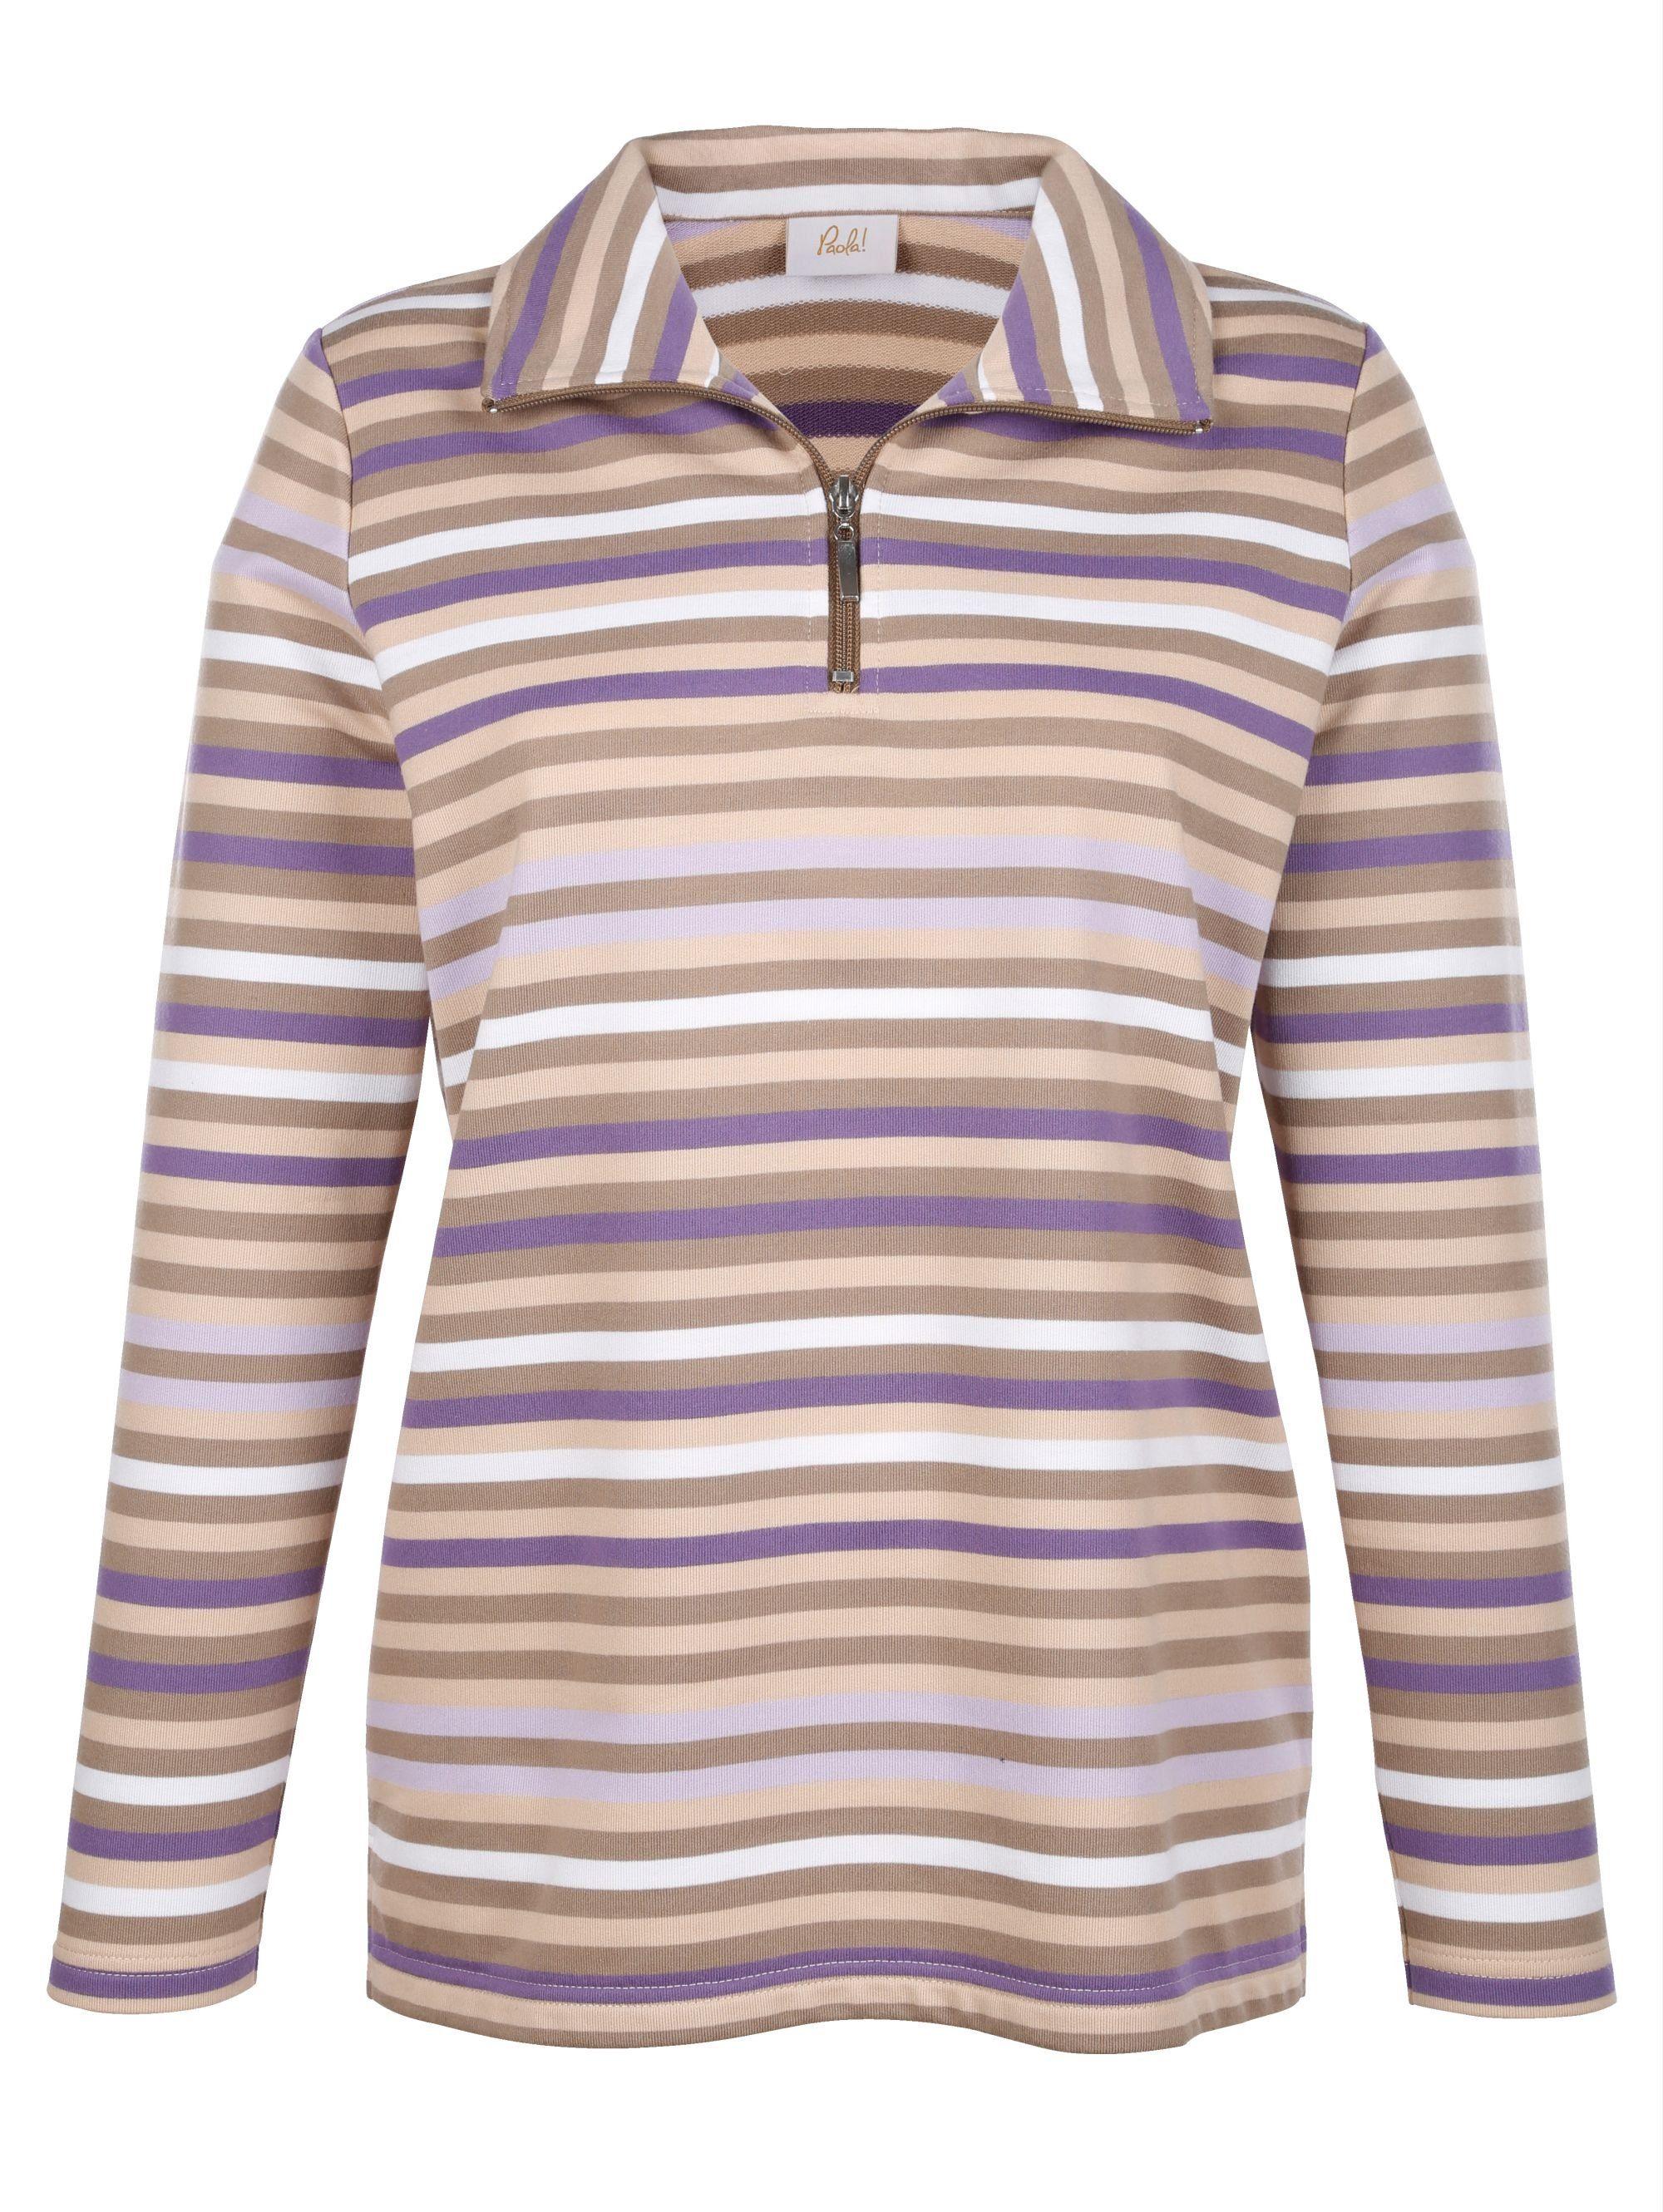 Sweatshirt Paola Streifen Mit Online Kaufen 76gfby